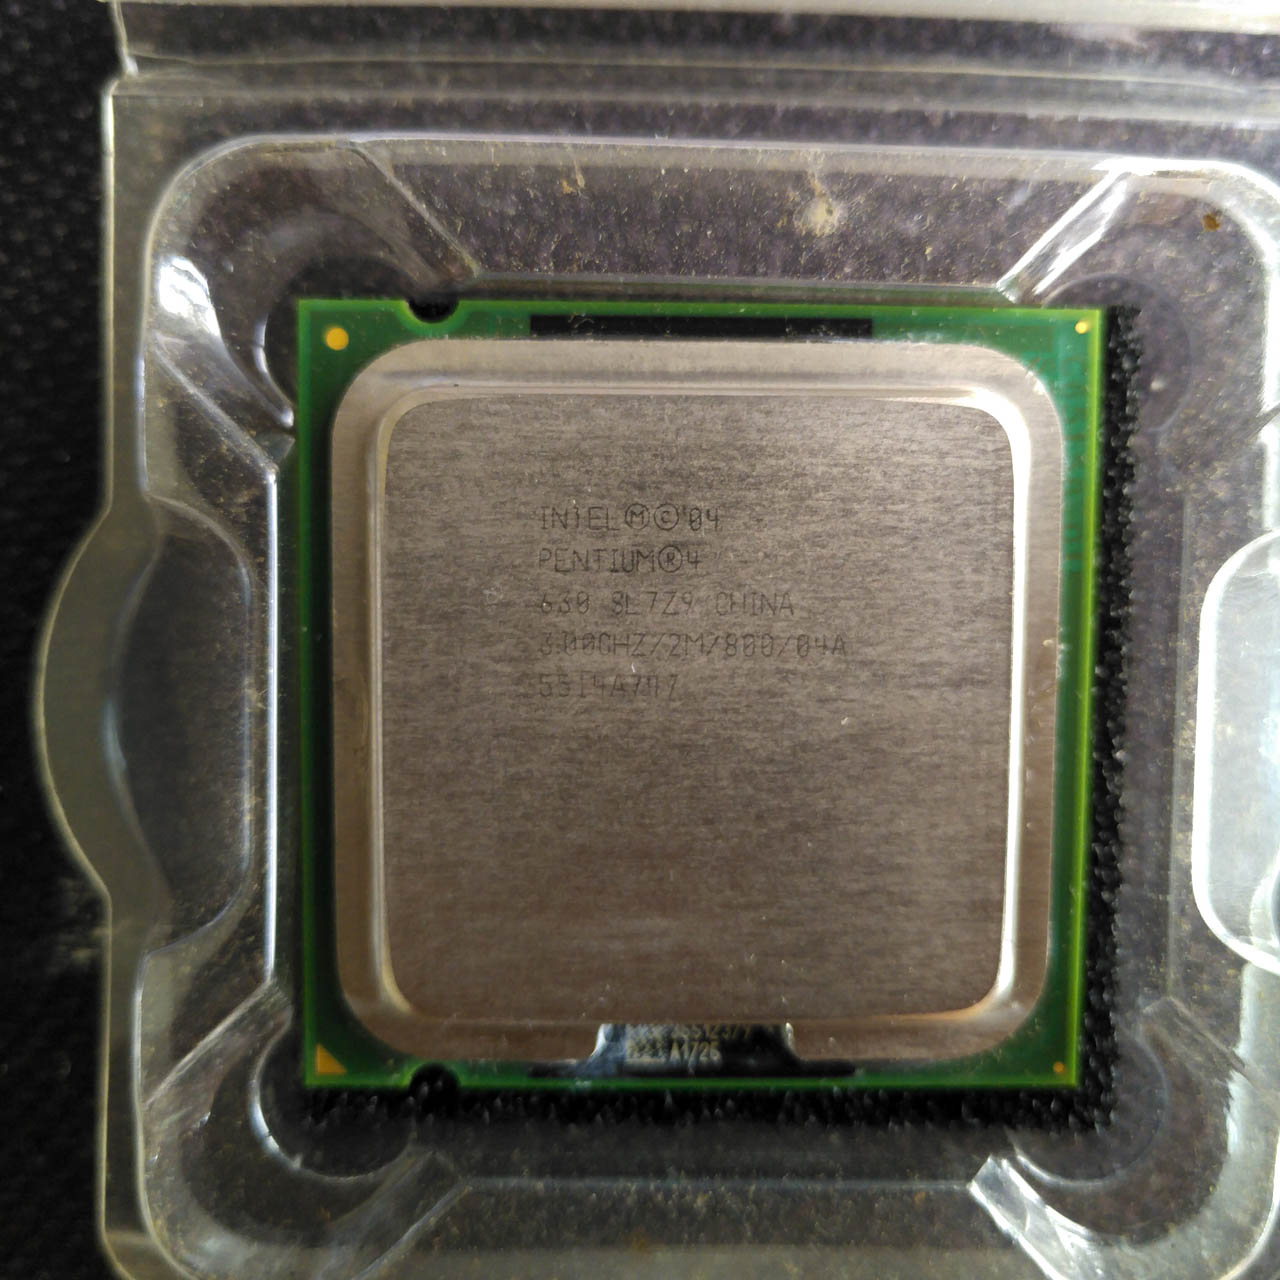 最强单核 英特尔奔腾4 630 3.0GHz 775针